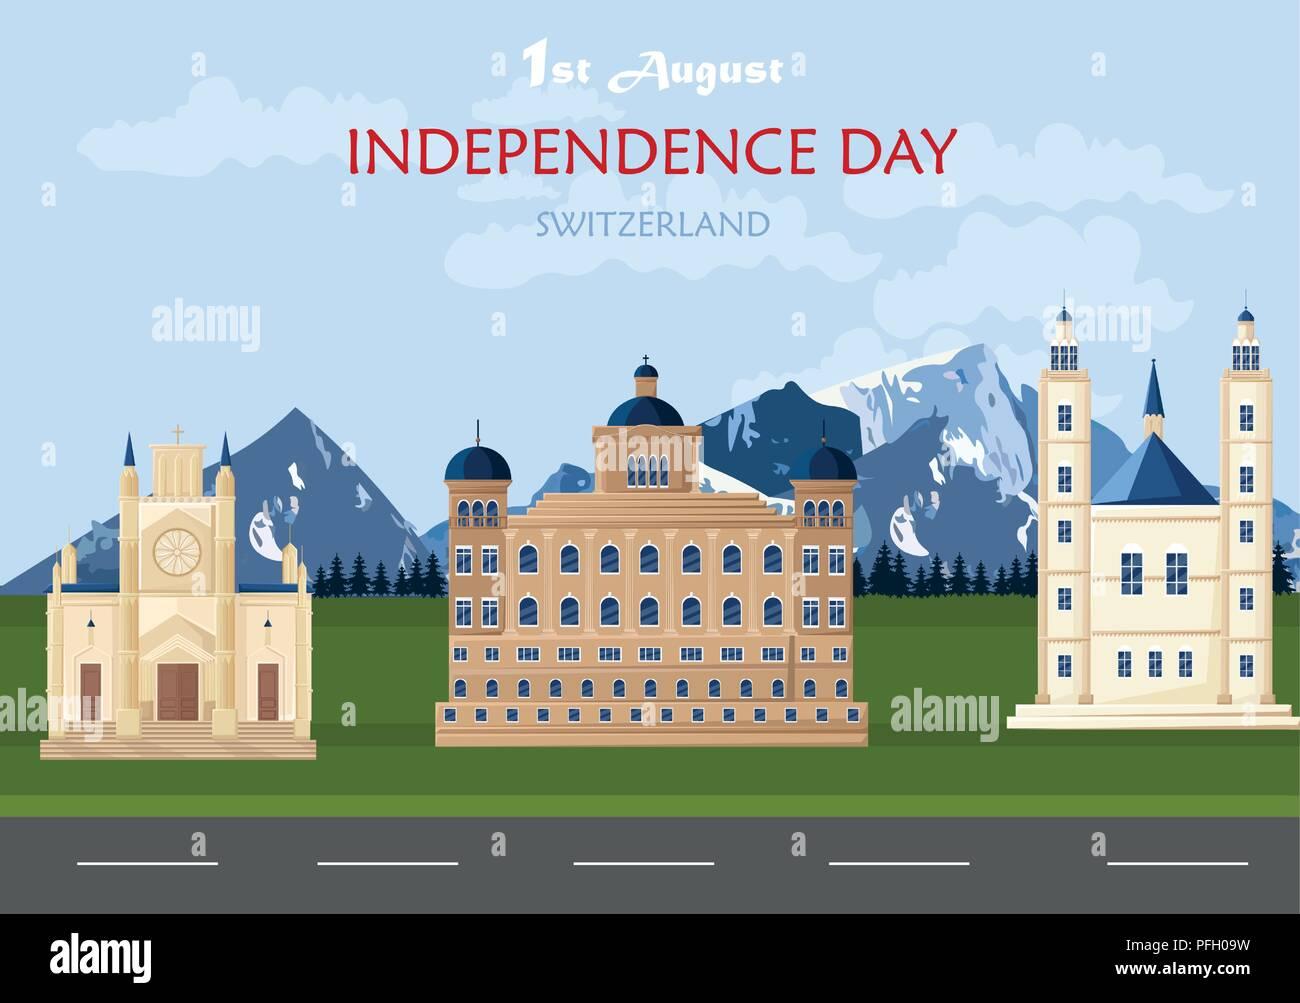 Tag der Unabhängigkeit in der Schweiz Vektor. Der Schweizer Nationalfeiertag 1.August hintergrund abbildung Stock Vektor